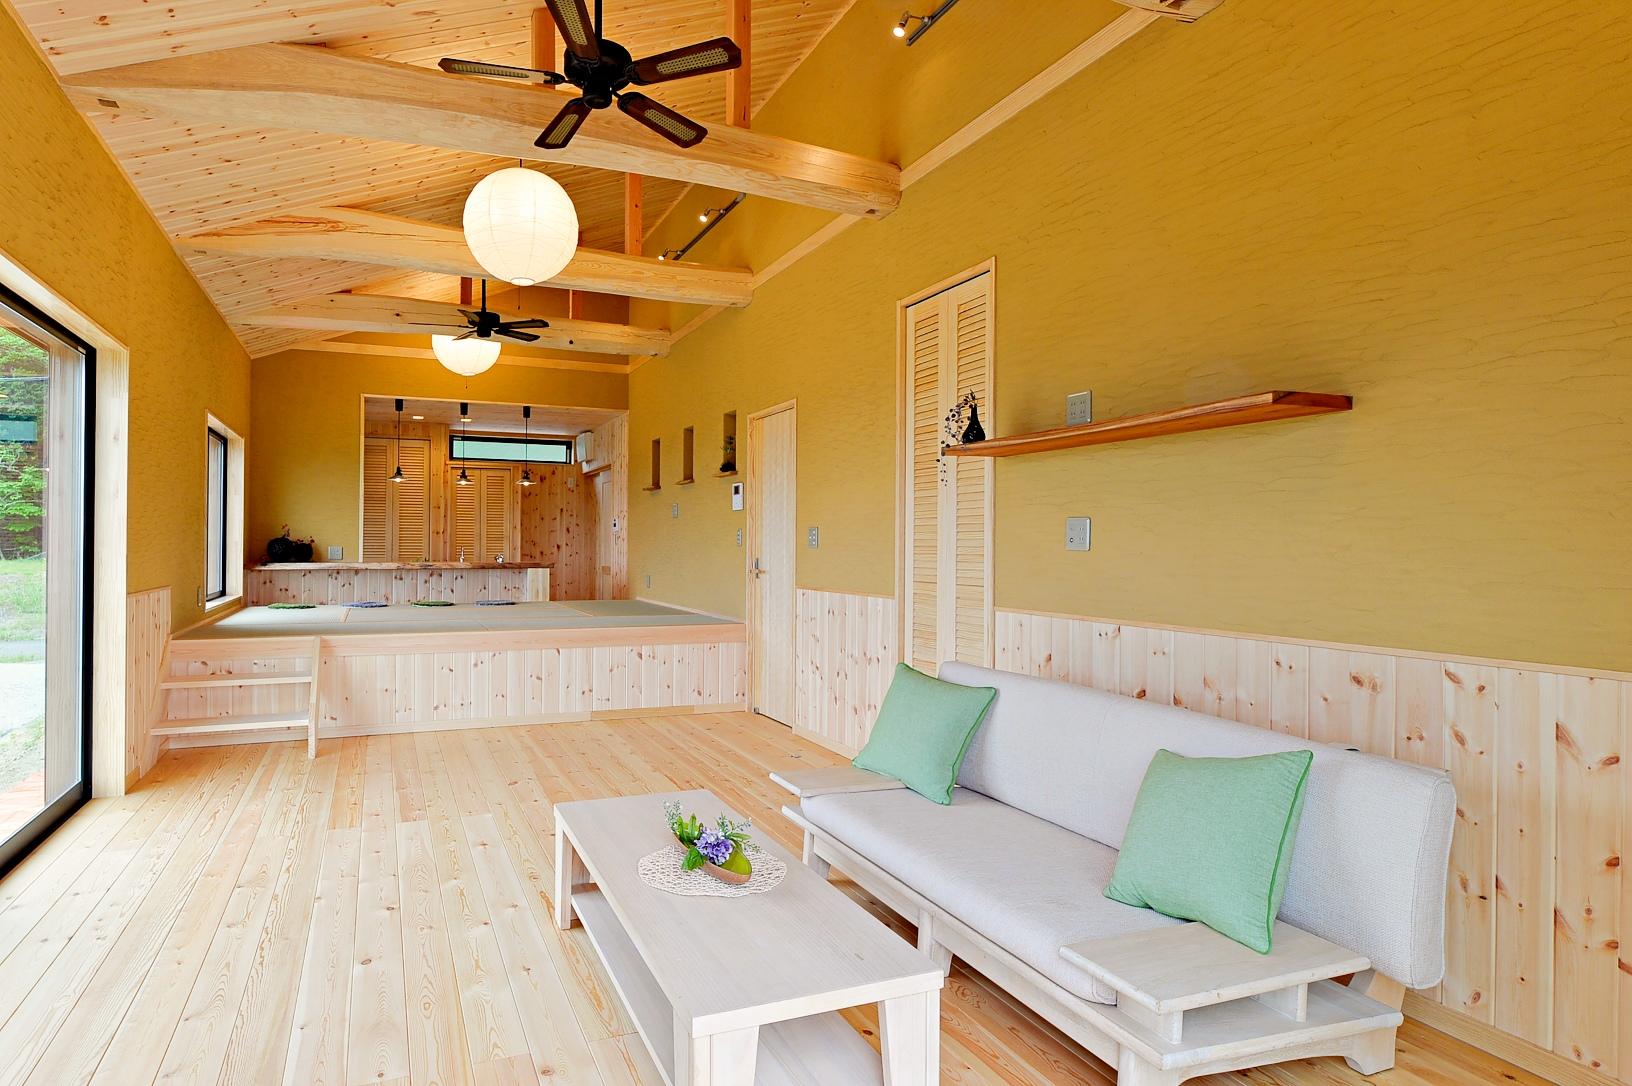 床も勾配天井も無垢材で豊かな空間。畳もふんだんに使用したおしゃれモダン和風平屋